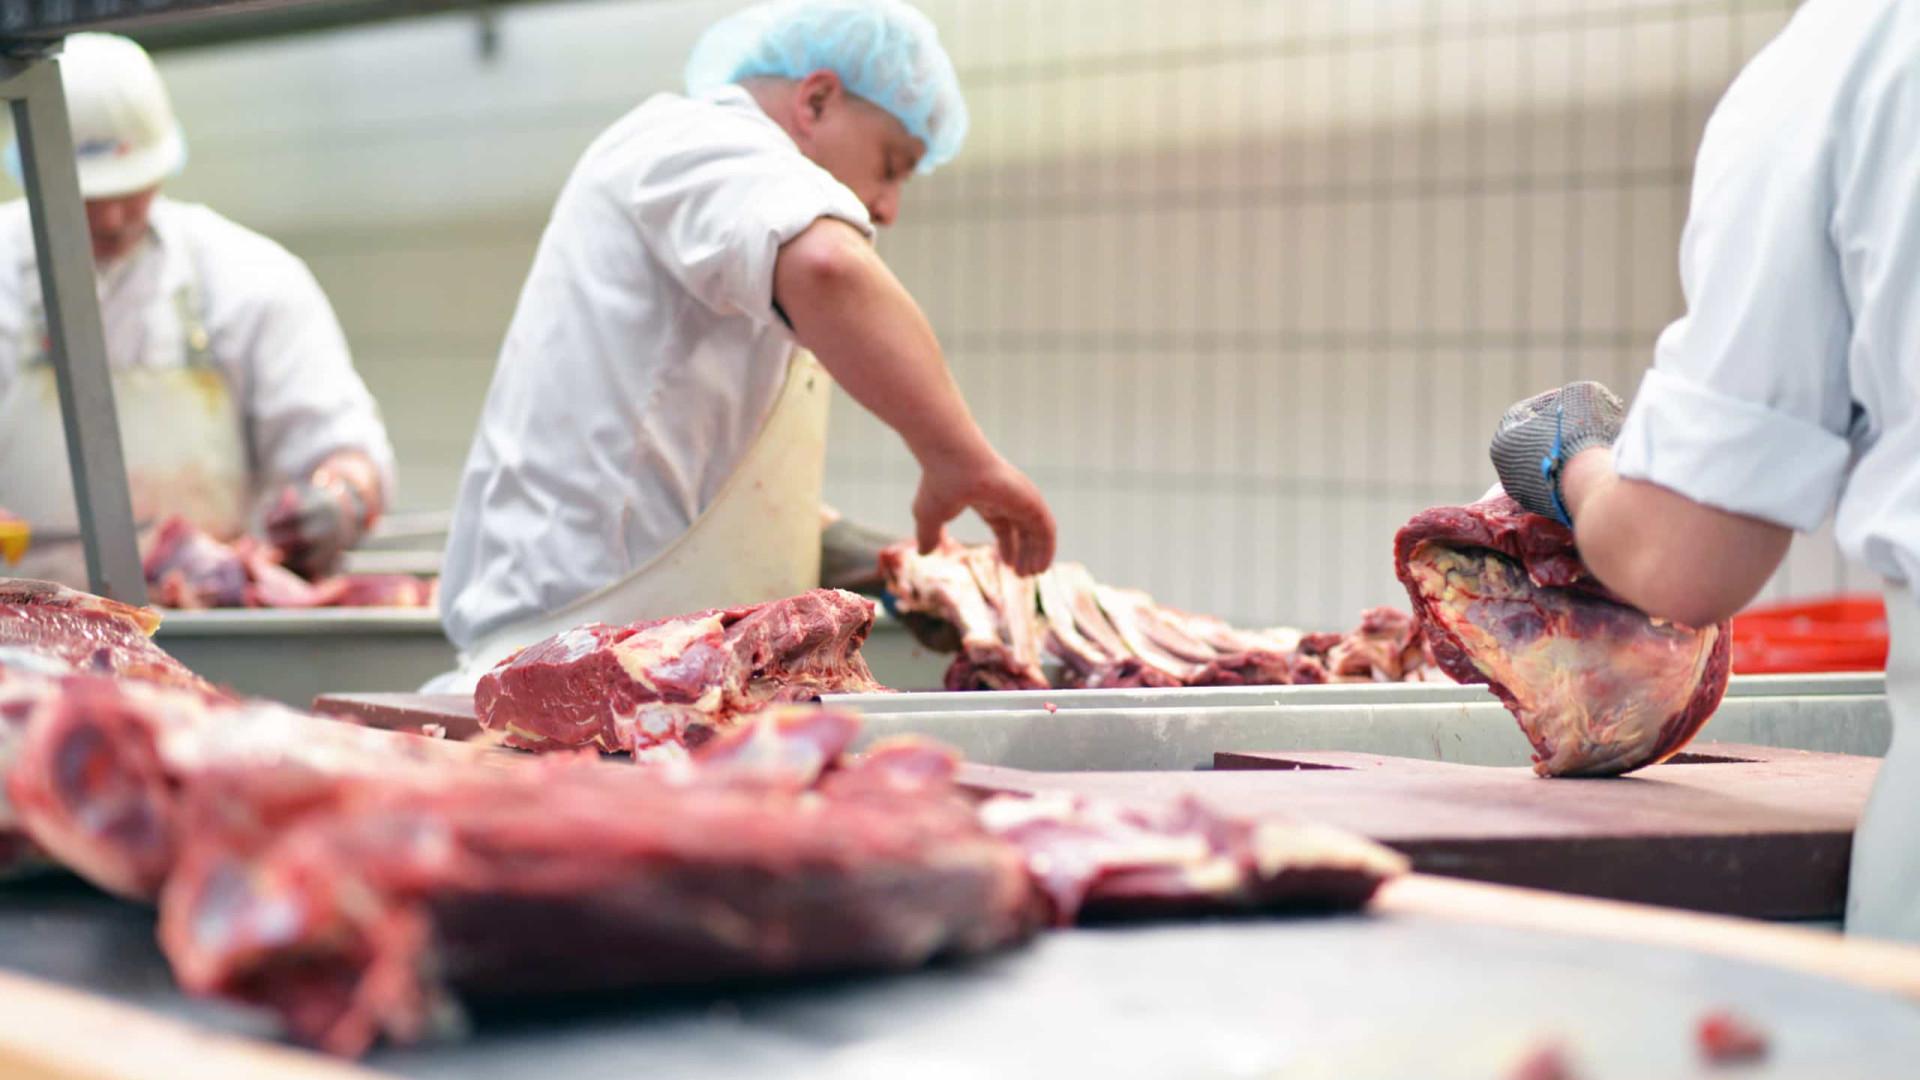 Abate de bovinos e suínos cresce no segundo trimestre no país